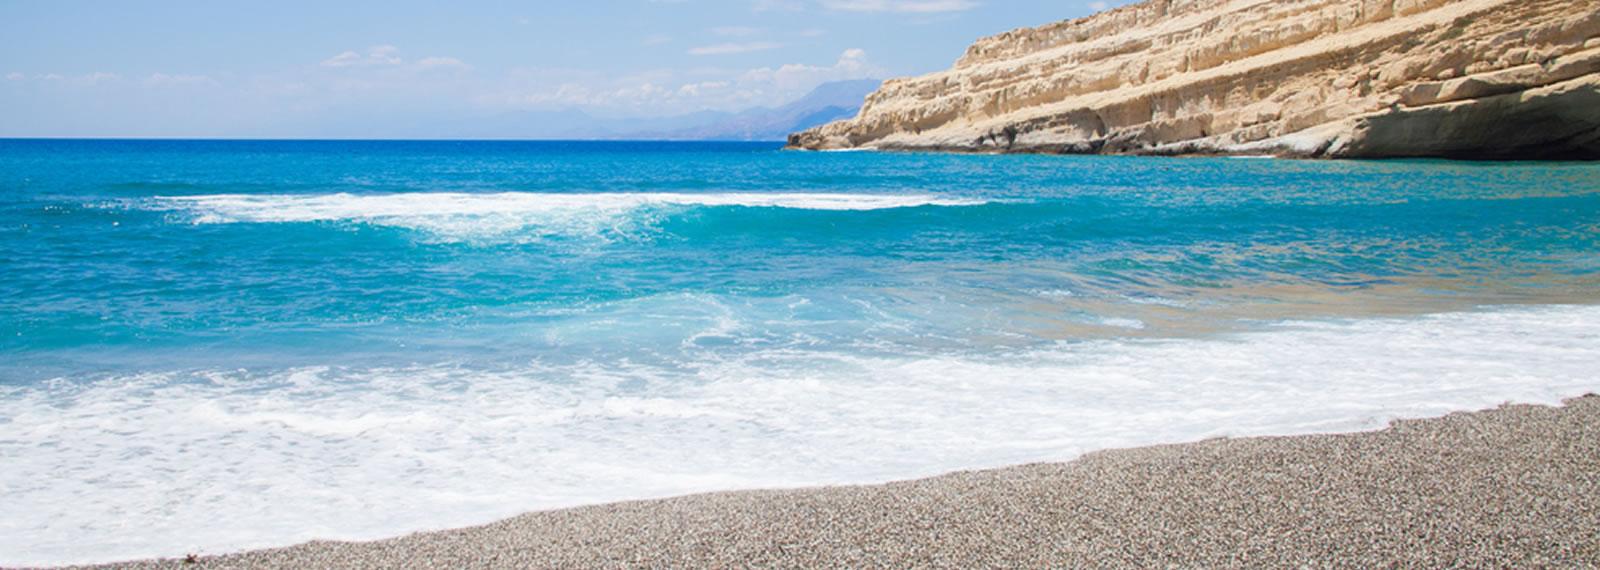 All-Inclusive Crete Escape